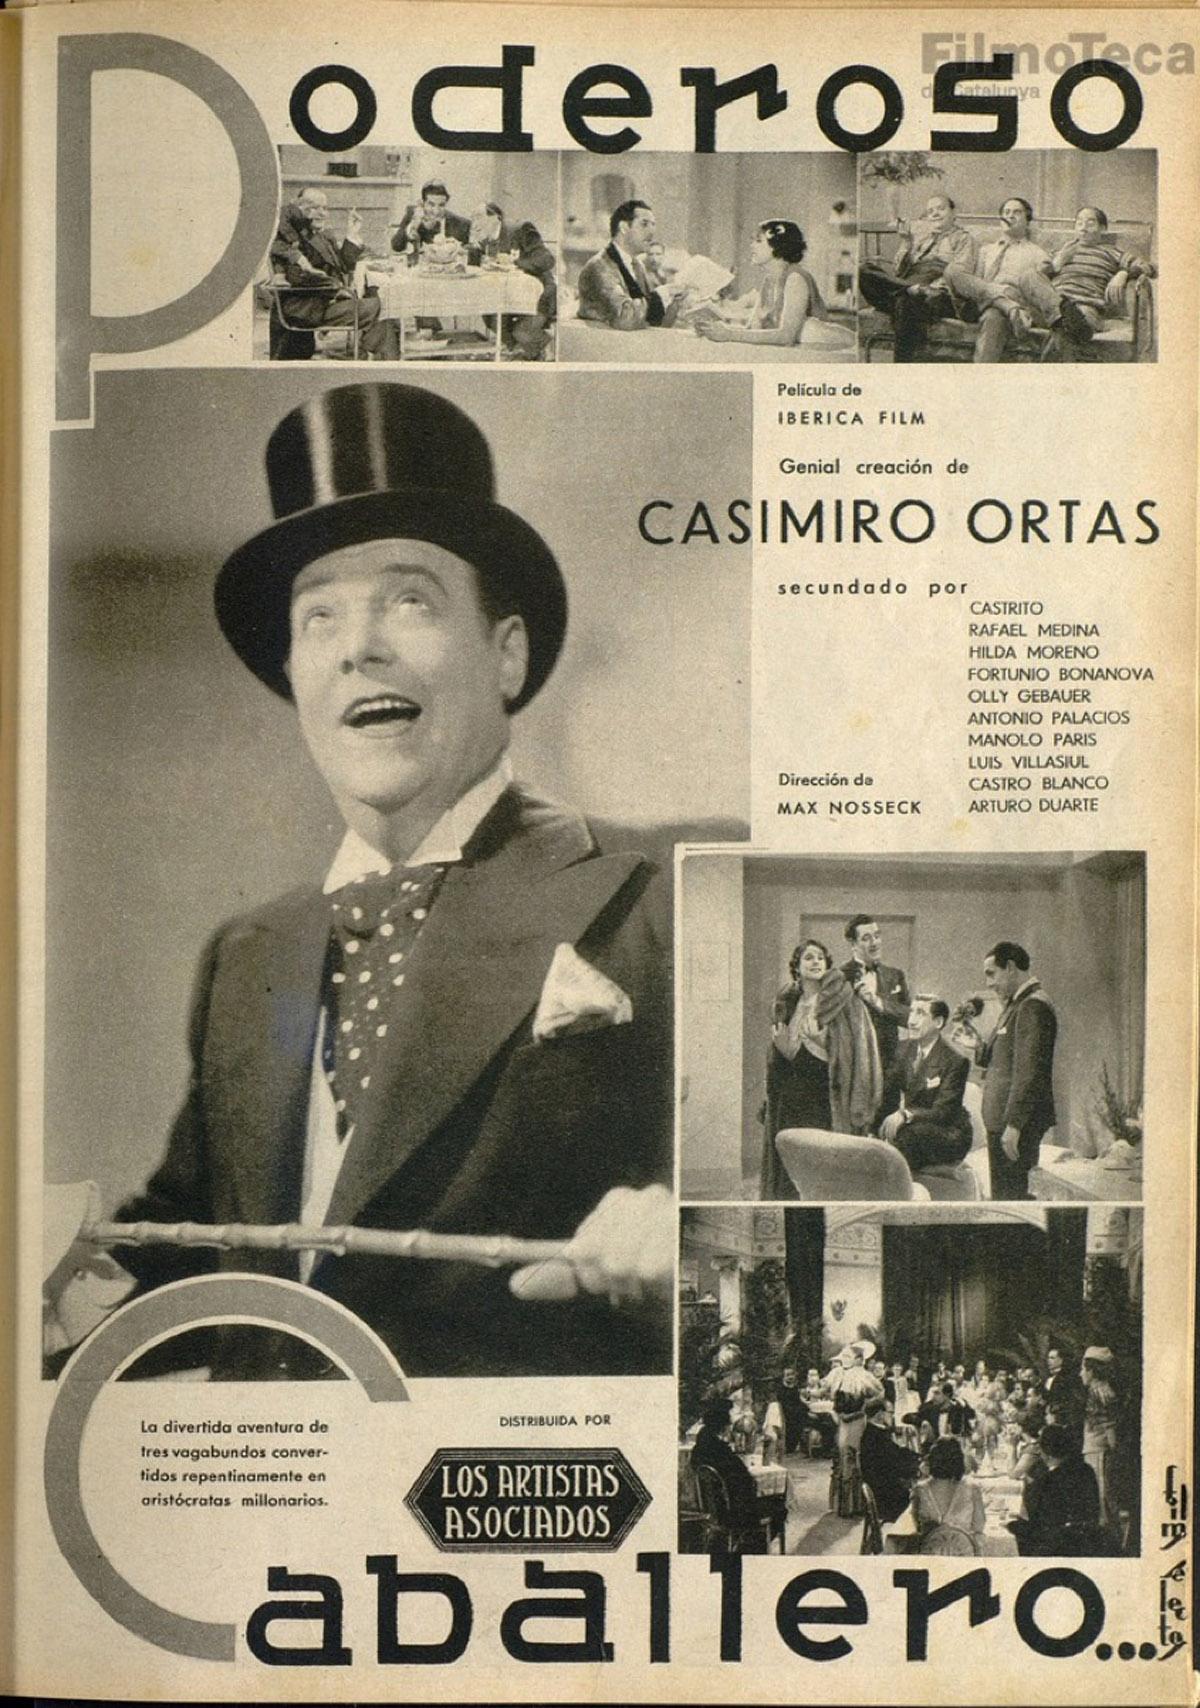 """Reportatge sobre """"Poderoso Caballero"""", una altra producció d'Ibérica Films."""